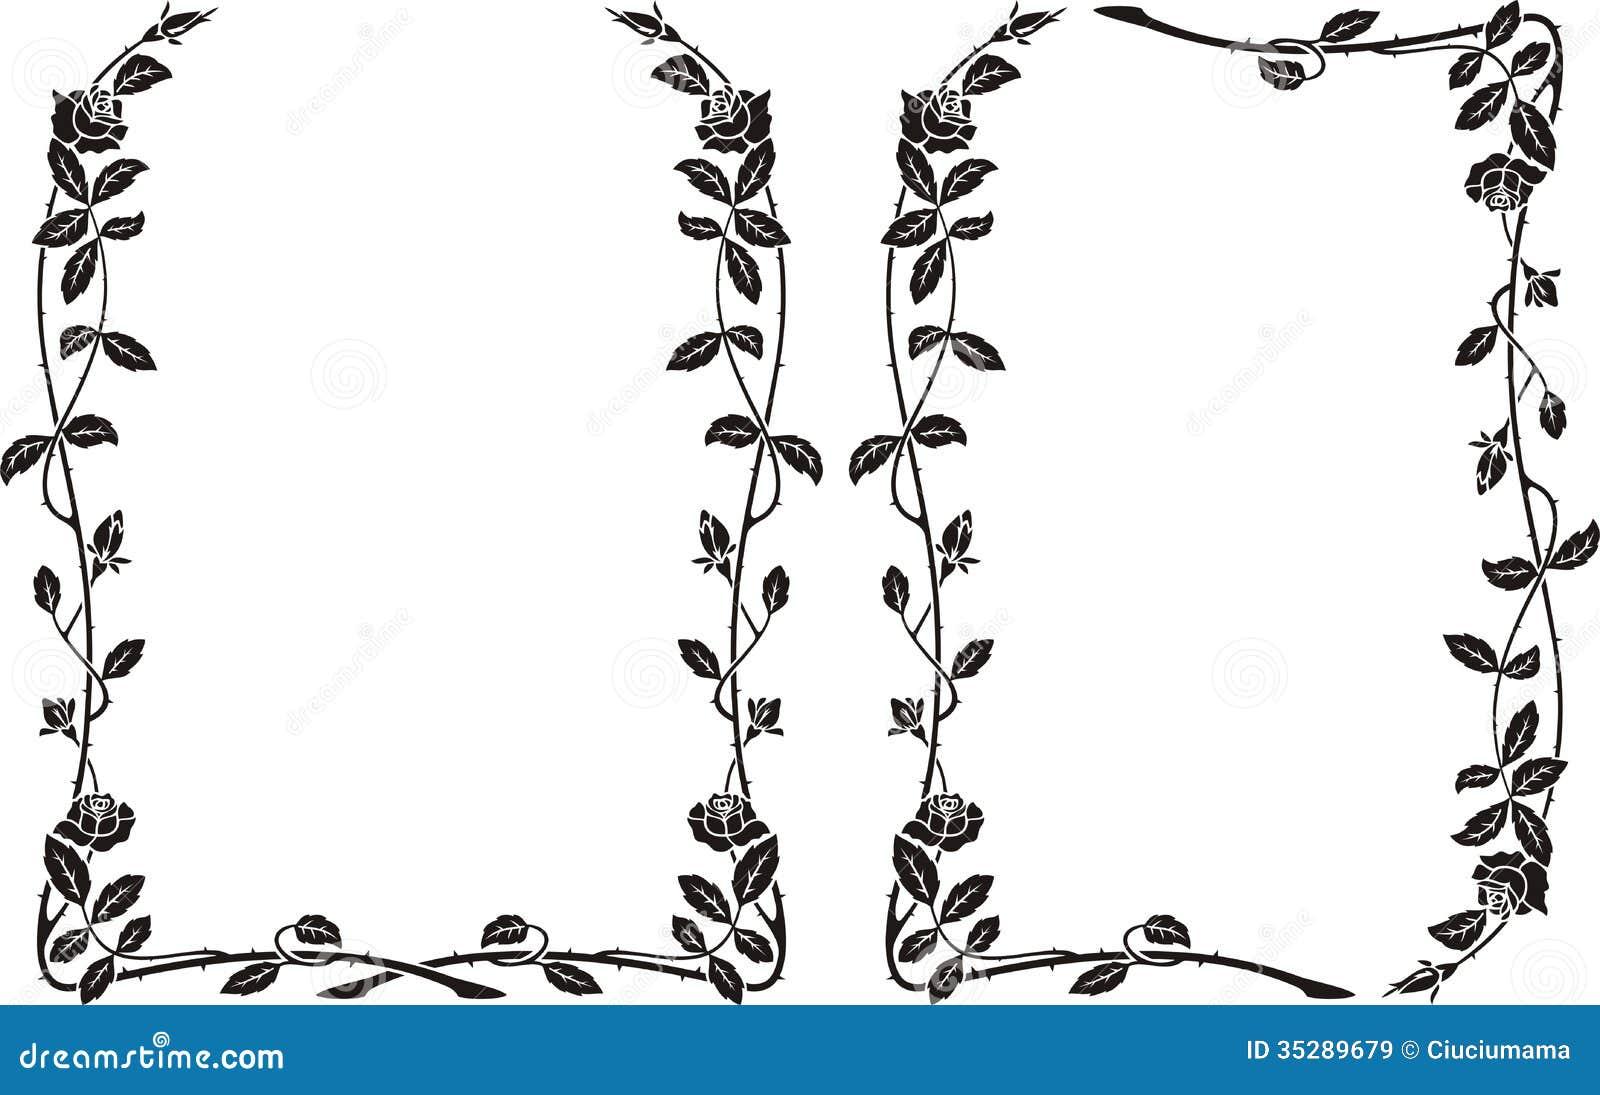 Roses frame stock vector. Illustration of frame, silhouette - 35289679